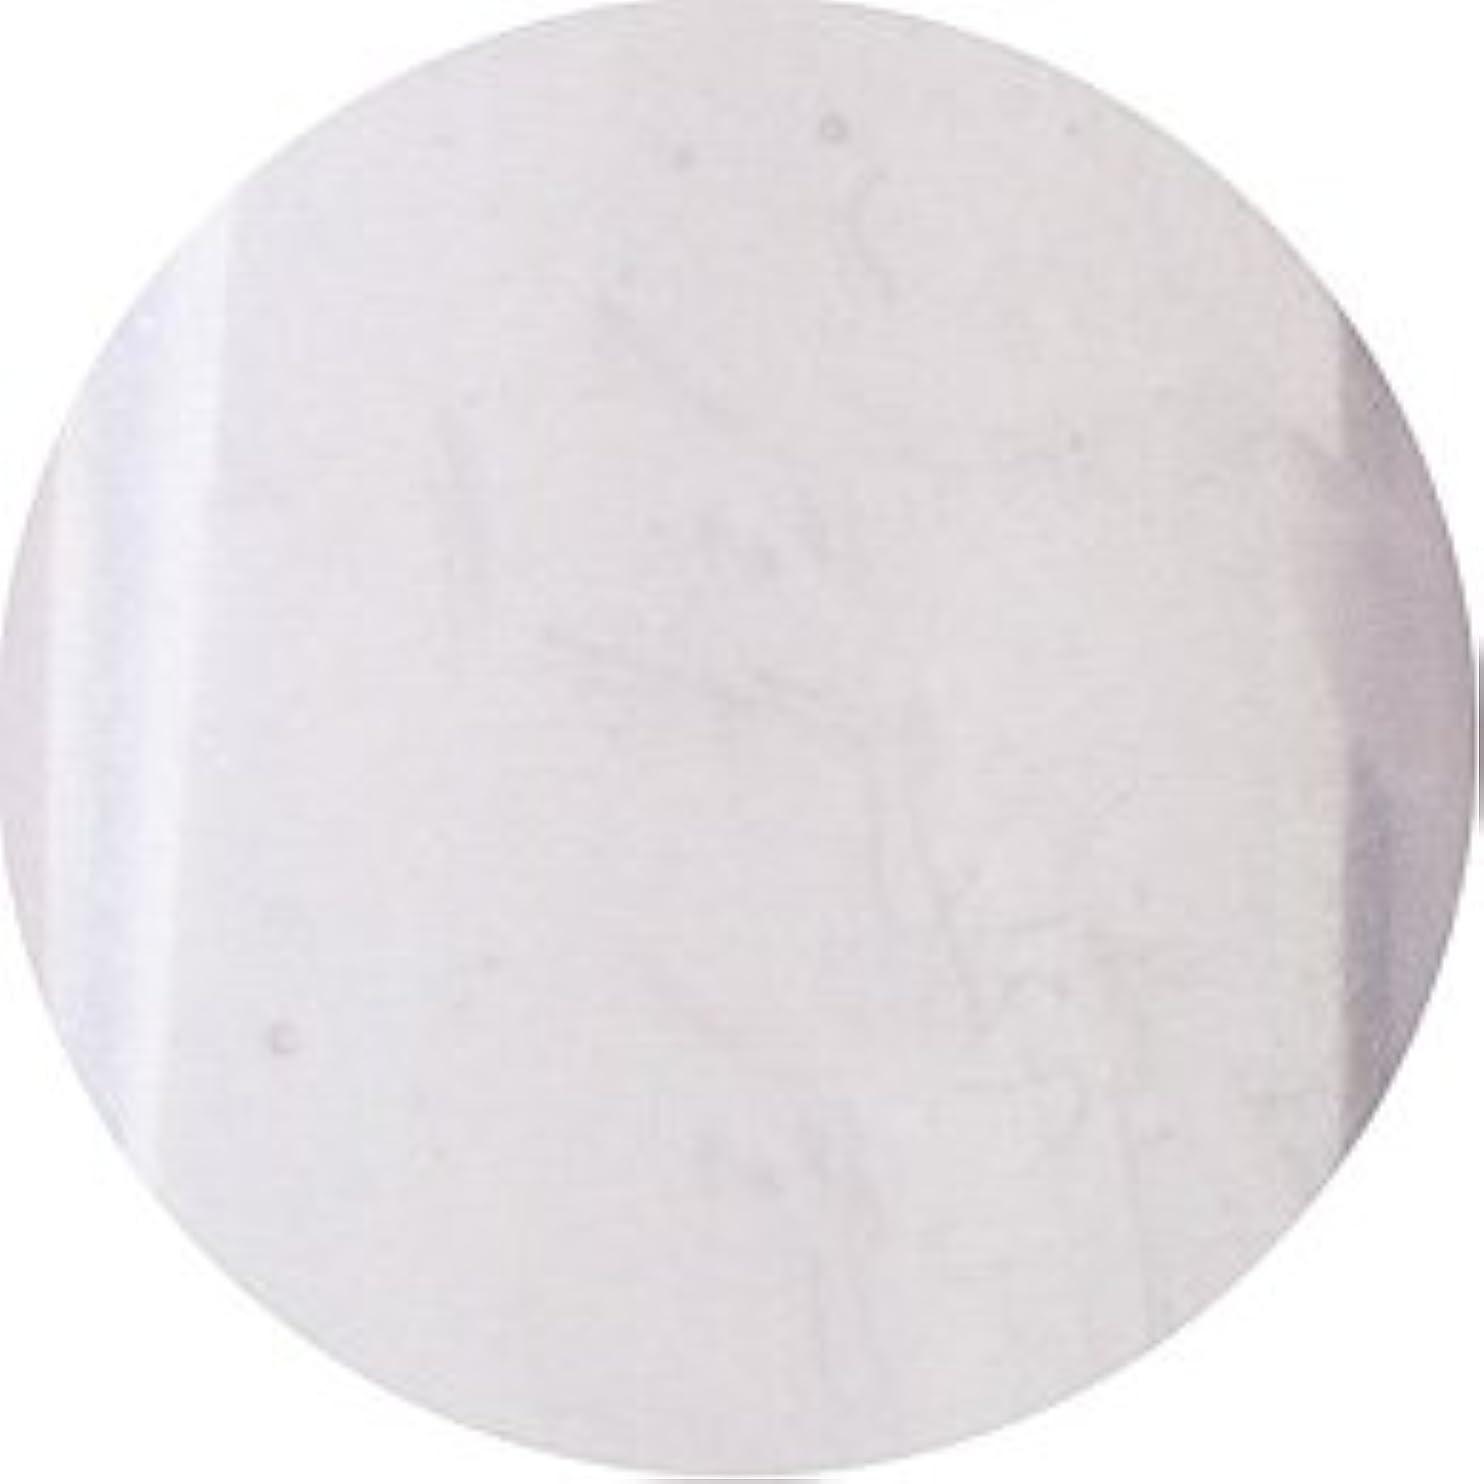 原理緊張する邪魔するCND シェラック UVカラーコート7.3ml 502 ネグリジェ